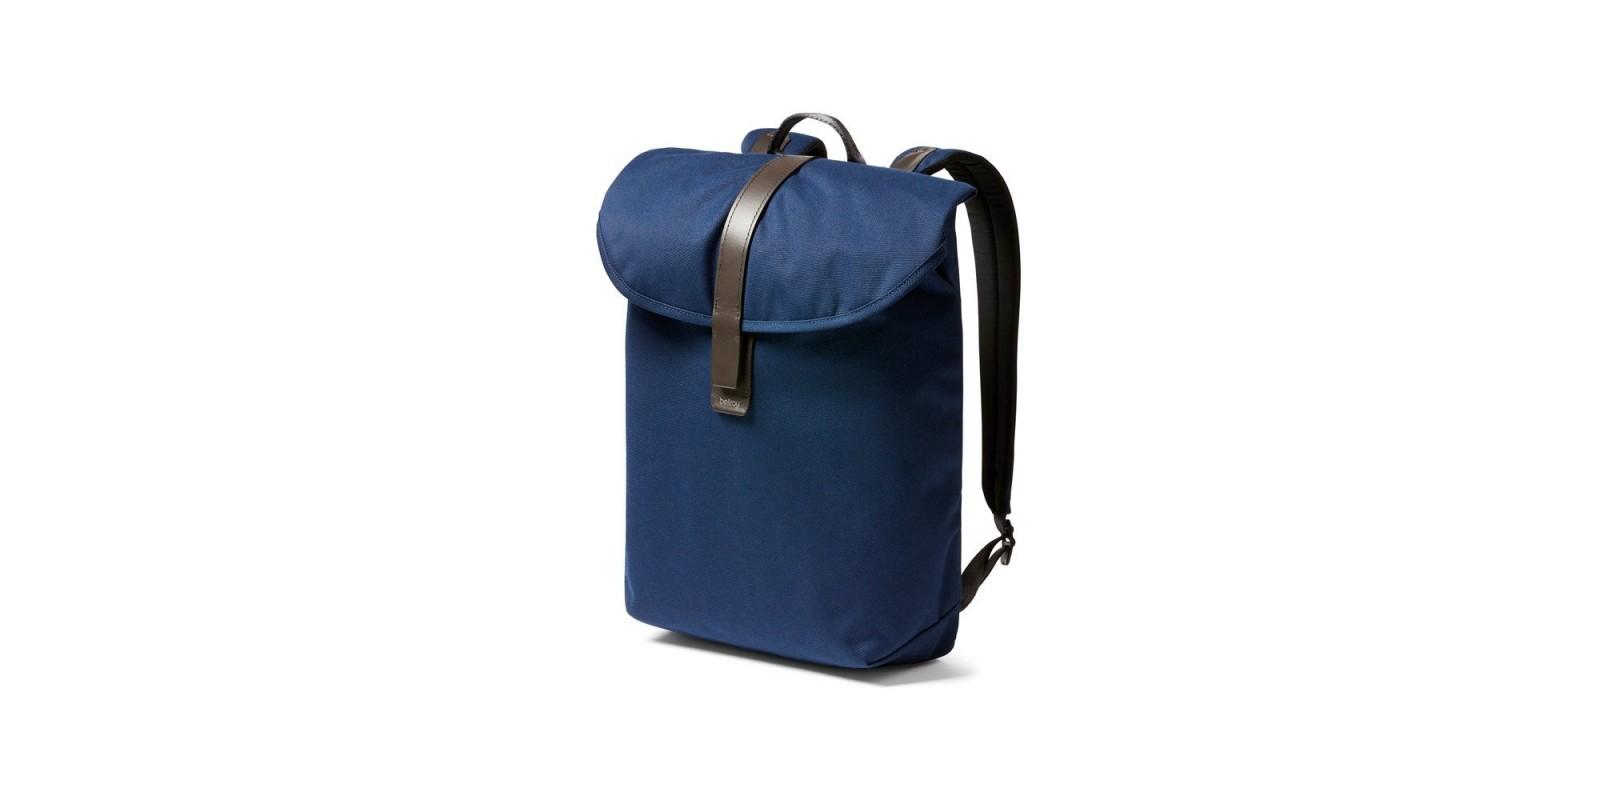 Bellroy Slim Backpack – Blue